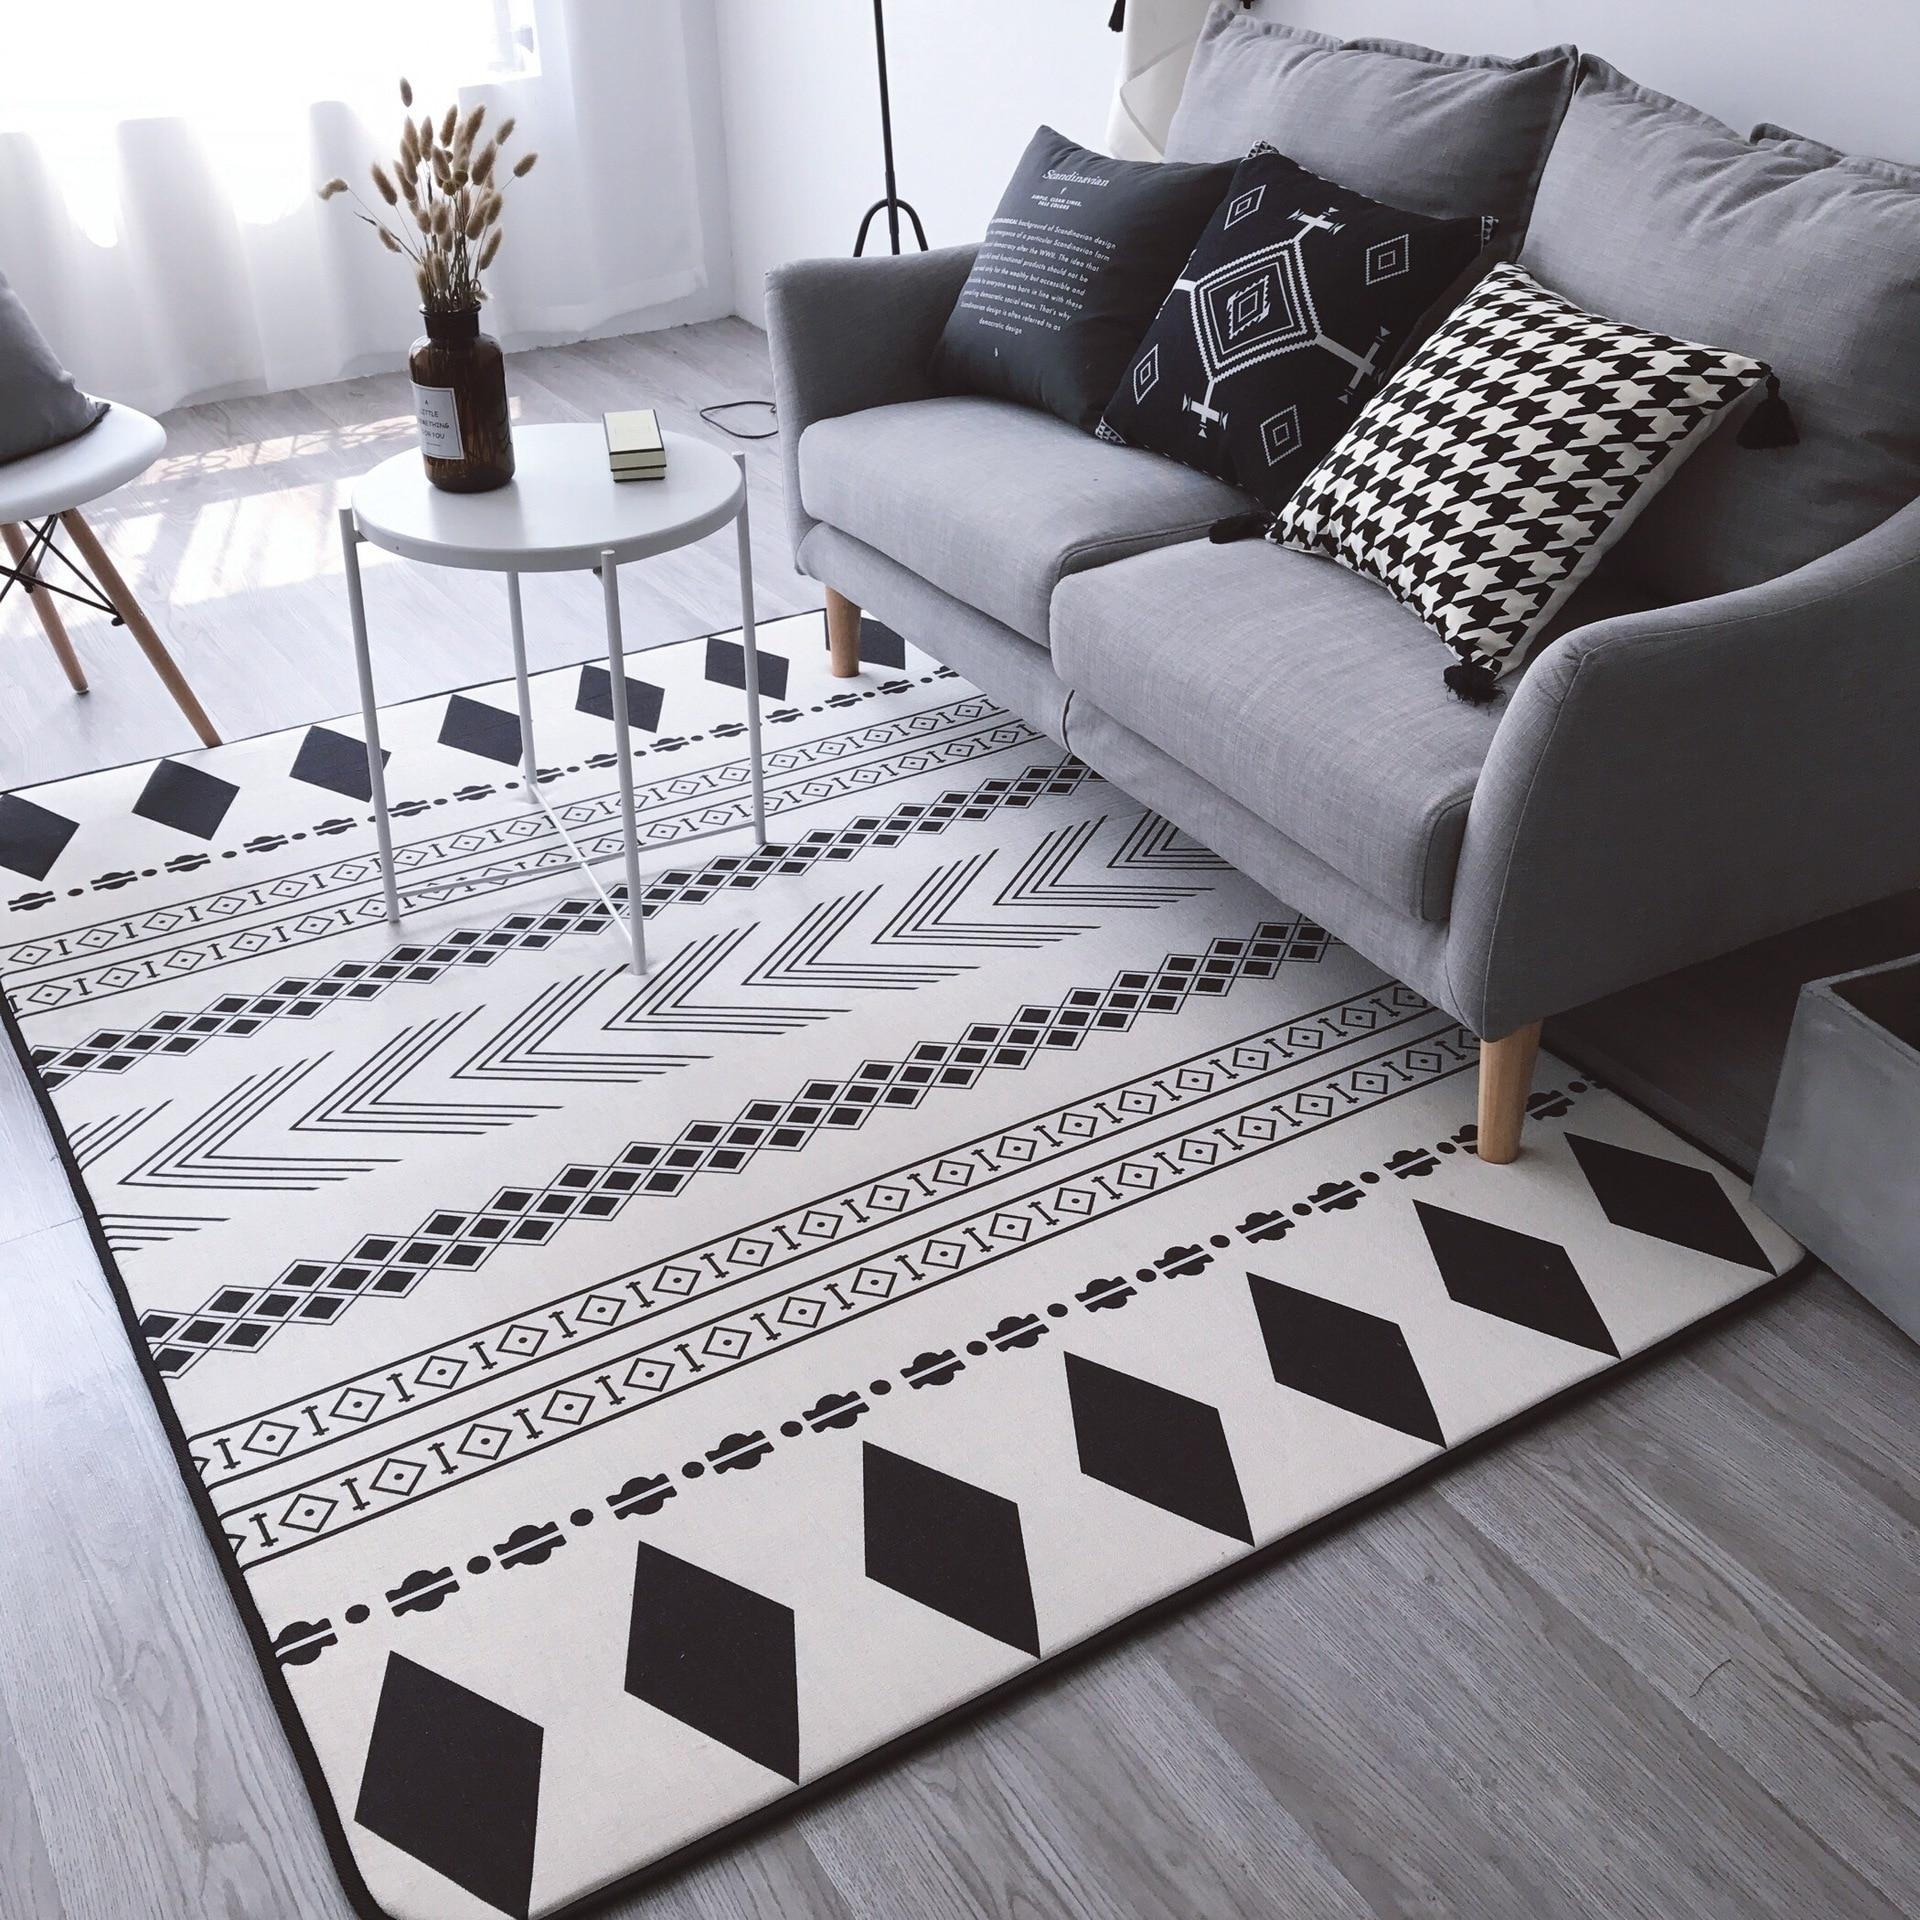 2017 New Geometric Floor Carpet For Living Room Nordic